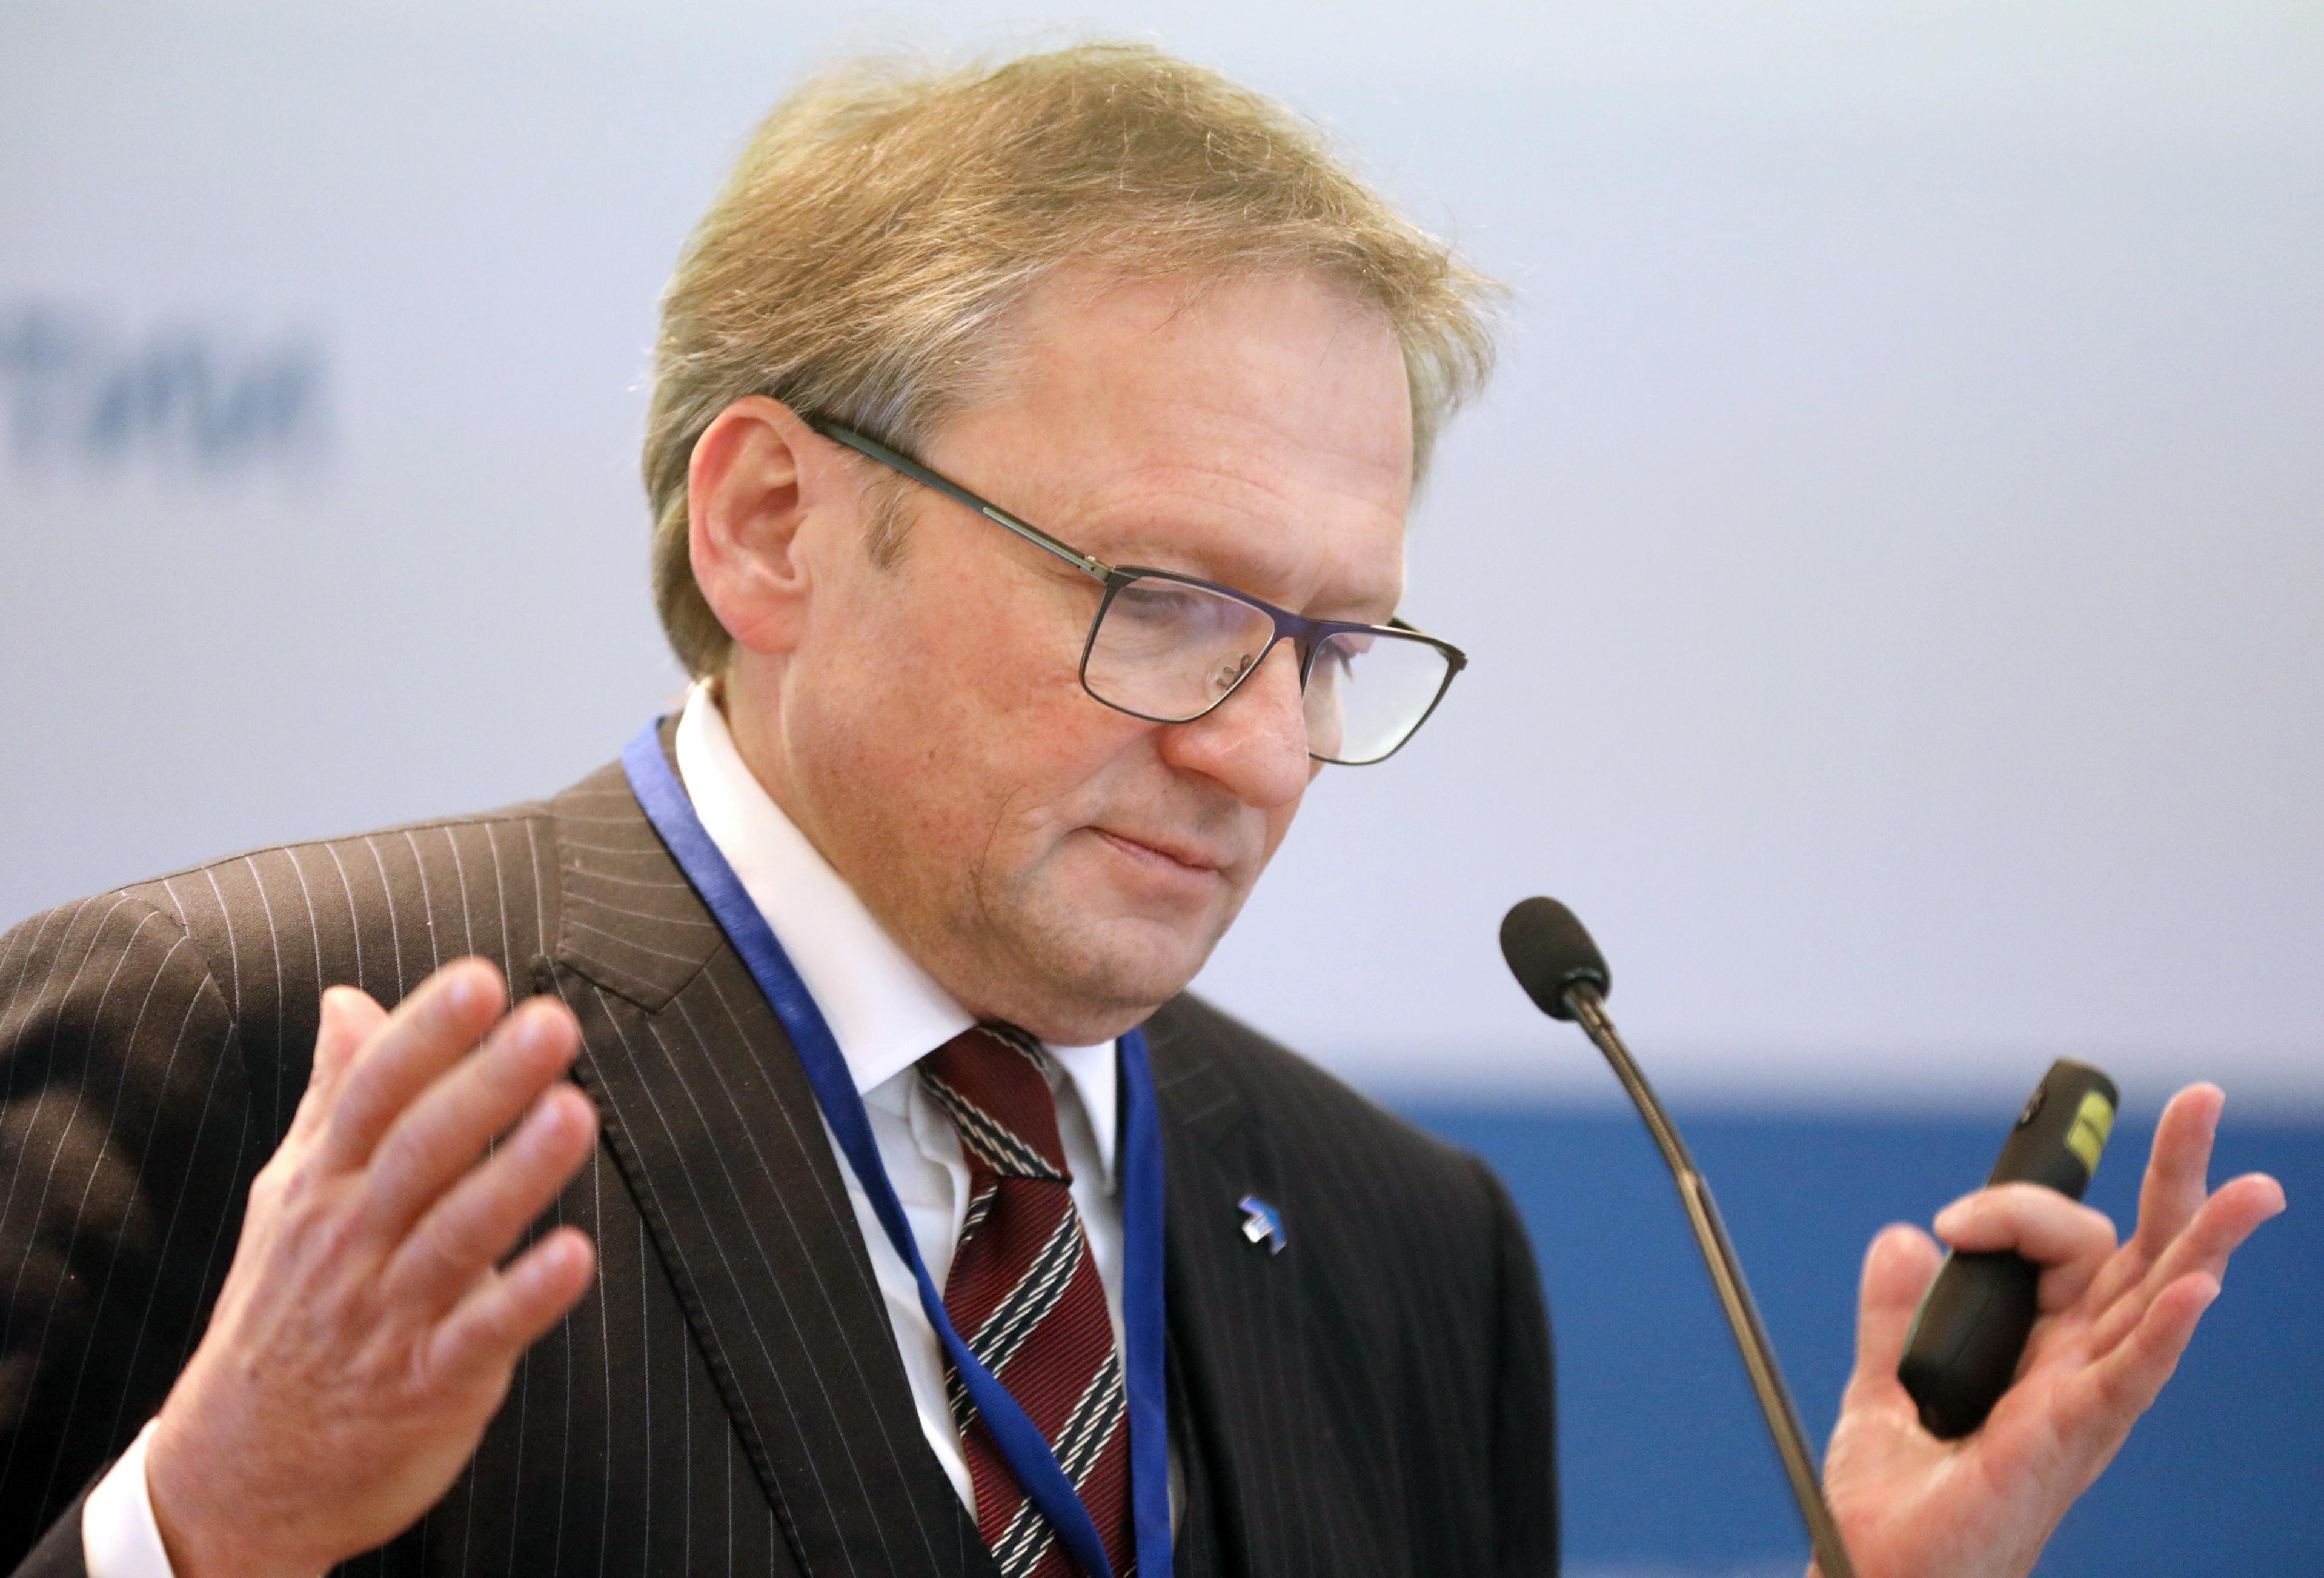 Политик Григорий Явлинский провел встречу сволонтерами своего московского штаба